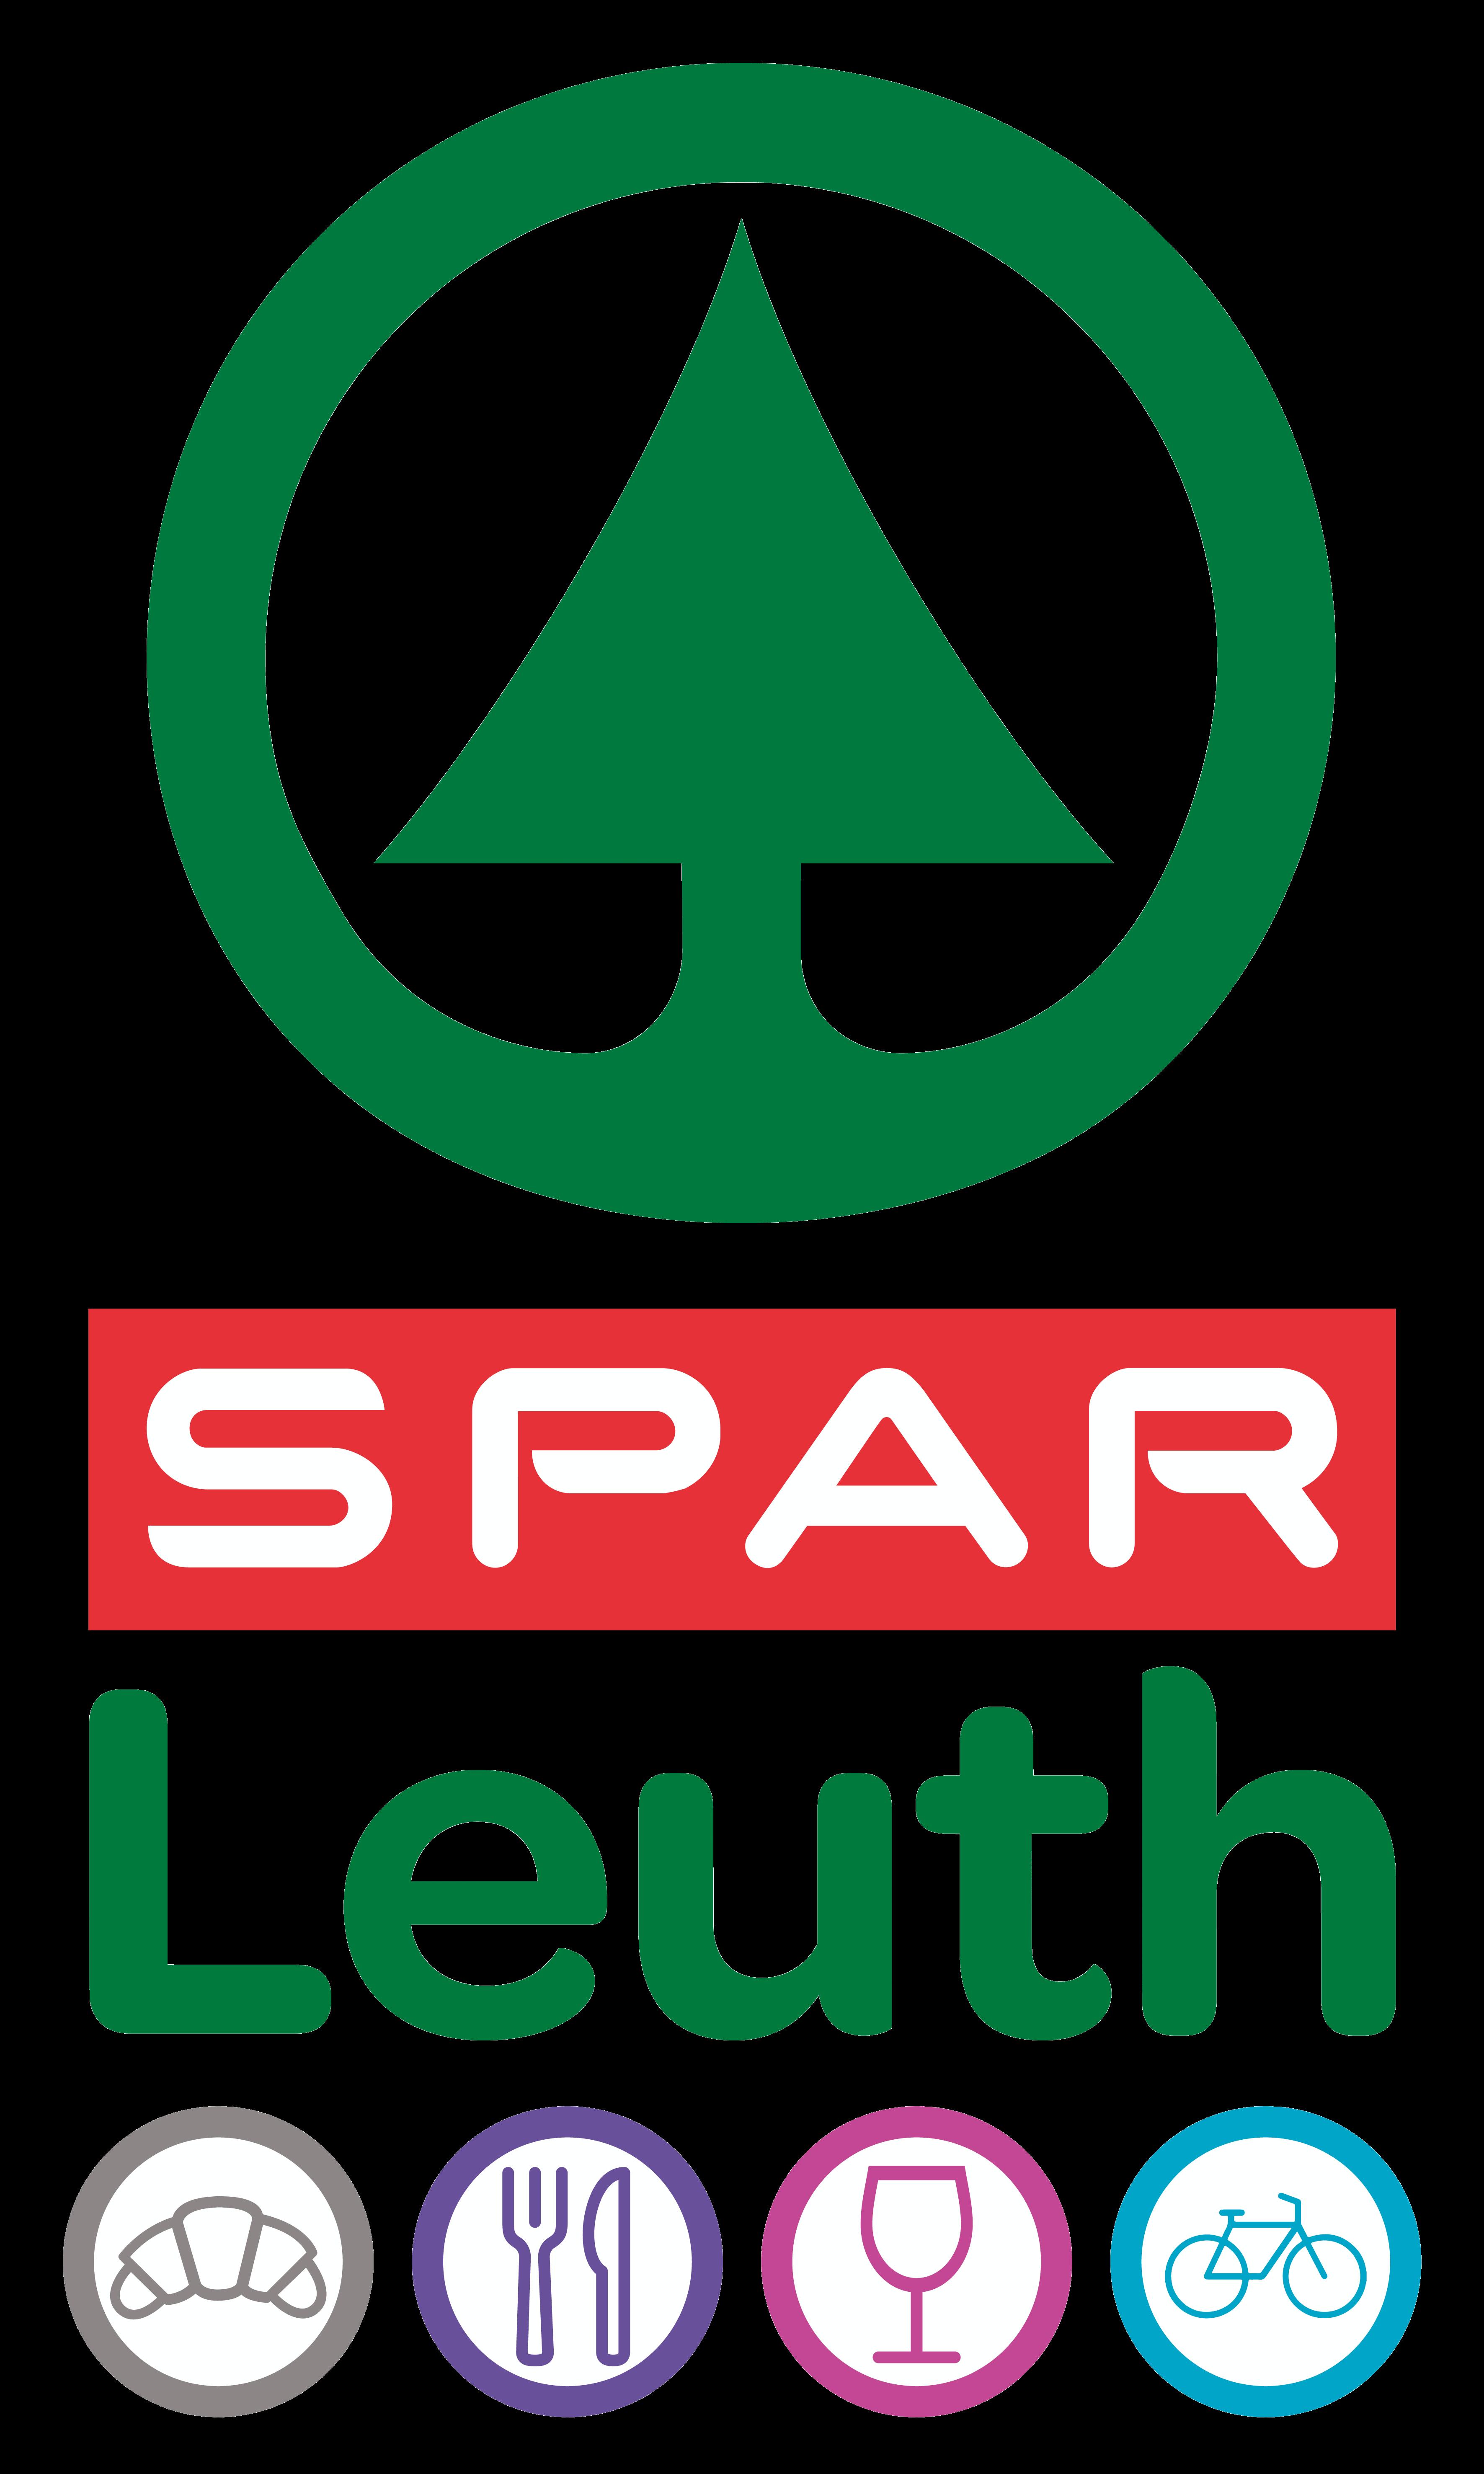 SPAR_LEUTH